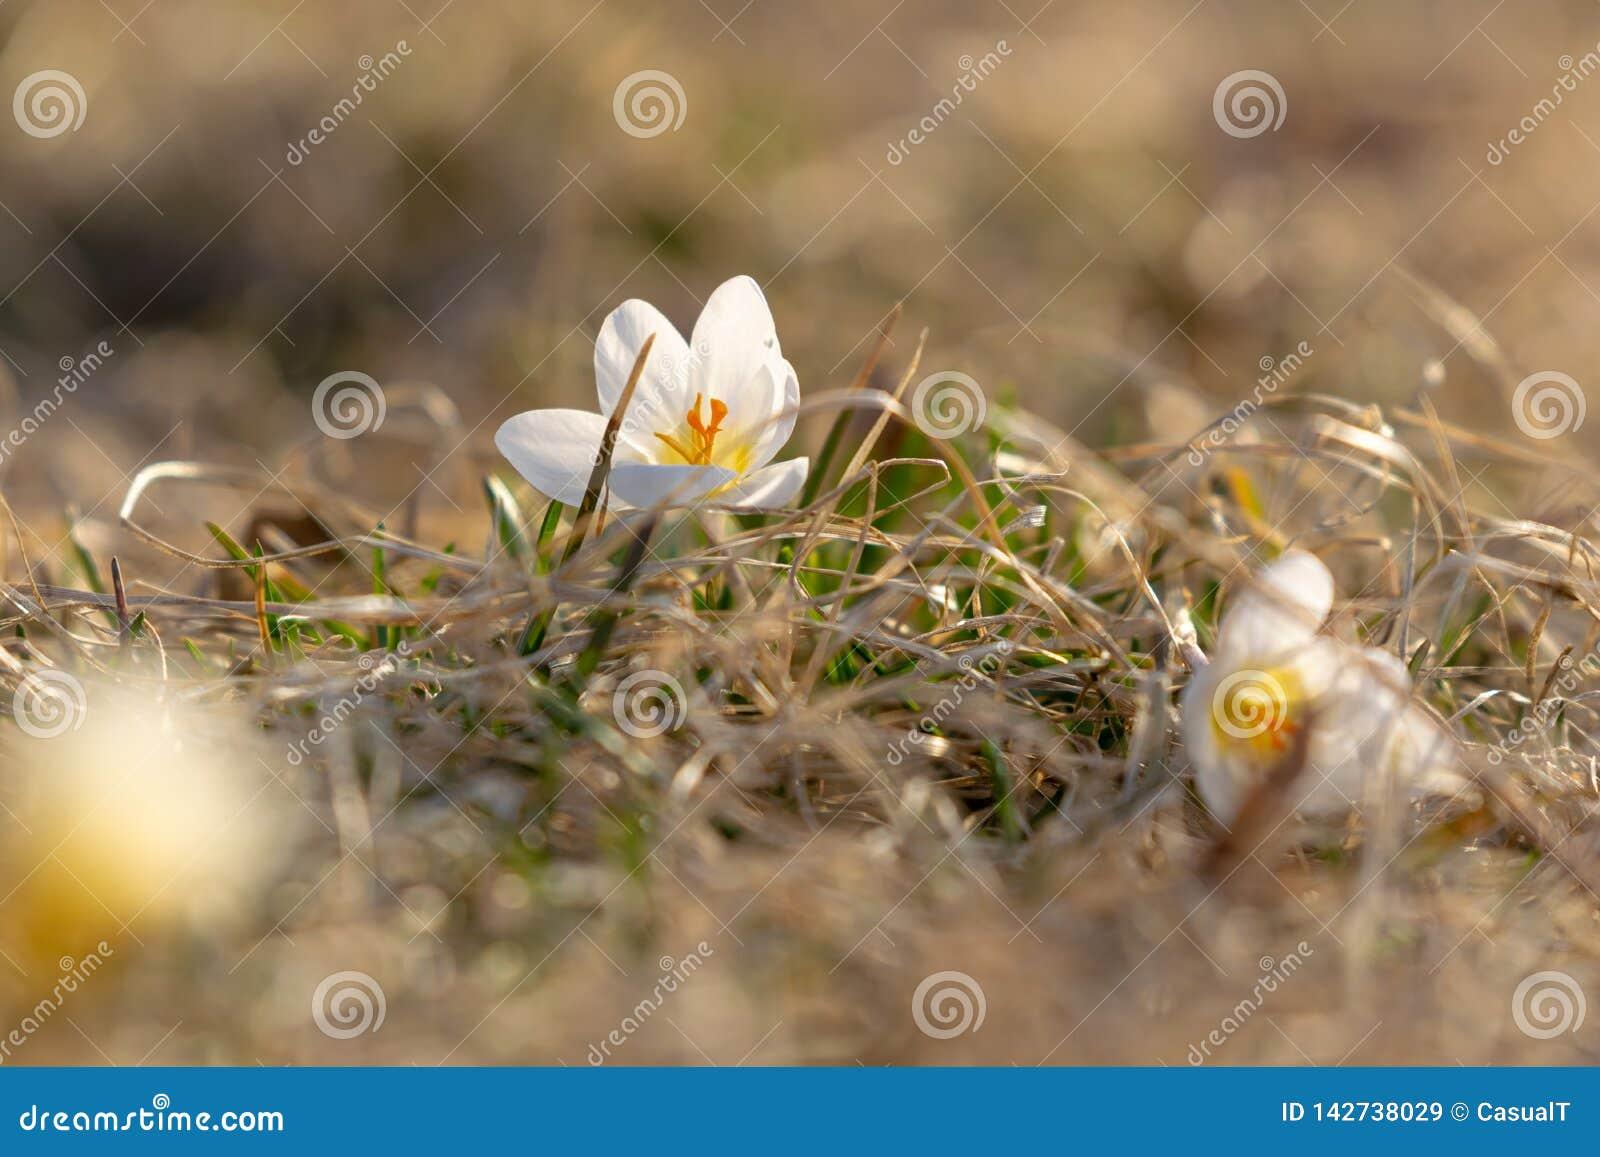 Açafrões brancos, florescendo na mola adiantada, contra um fundo agradável do bokeh, close up